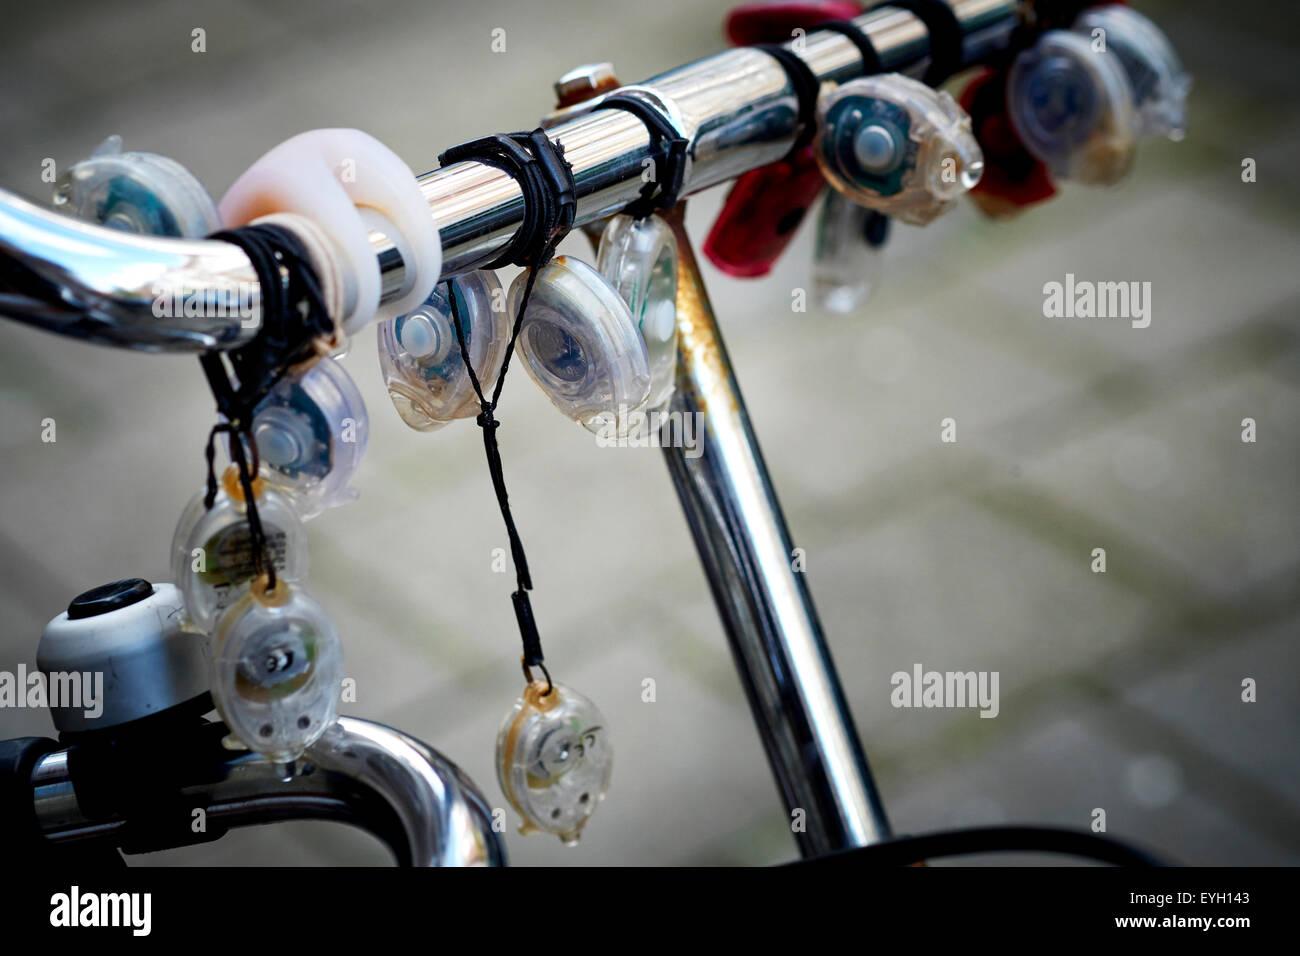 Led lights on bike's steering wheel - Stock Image